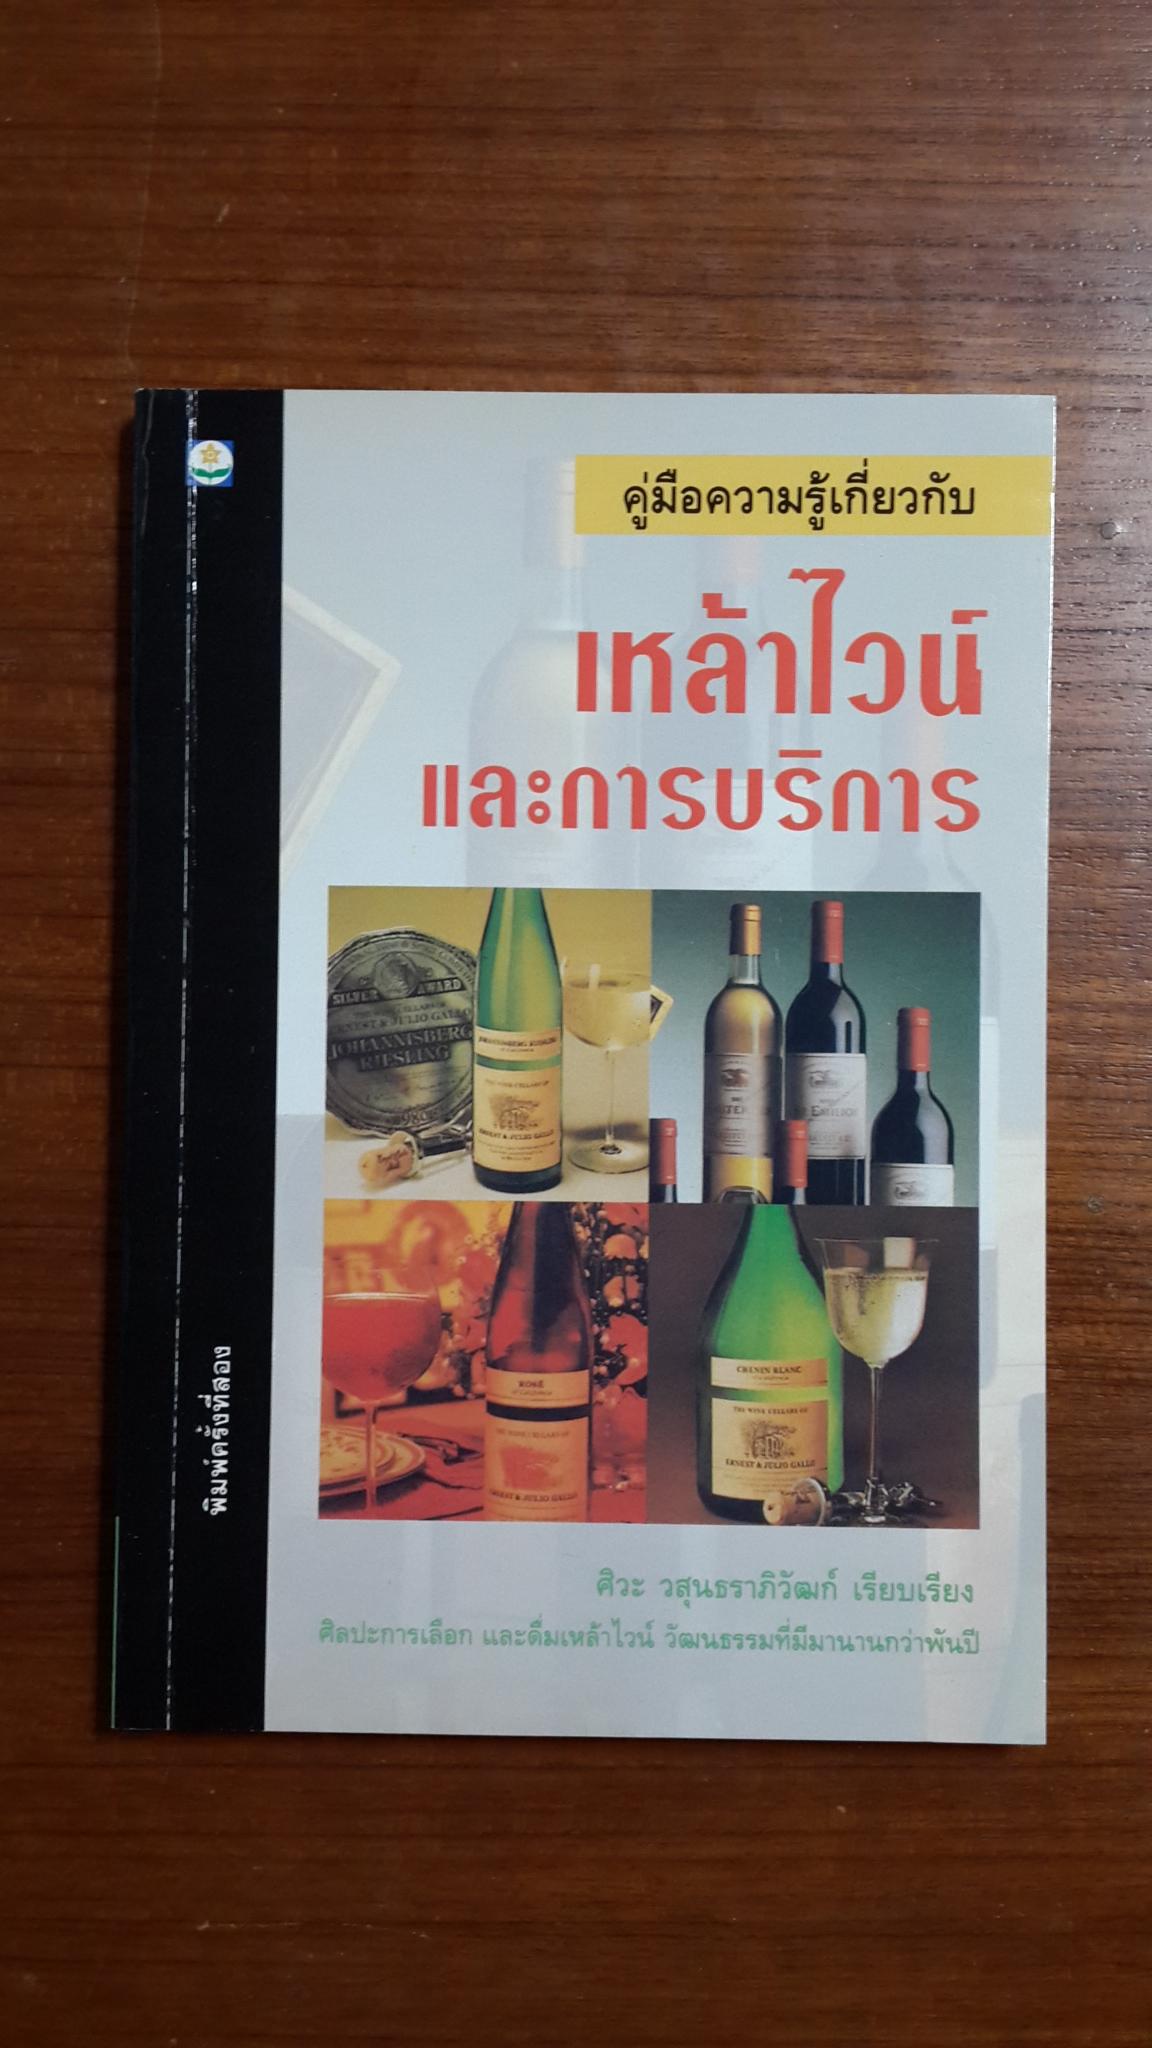 คู่มือความรู้เกี่ยวกับเหล้าไวน์และการบริการ / ศิวะ วสุนธราภิวัฒก์